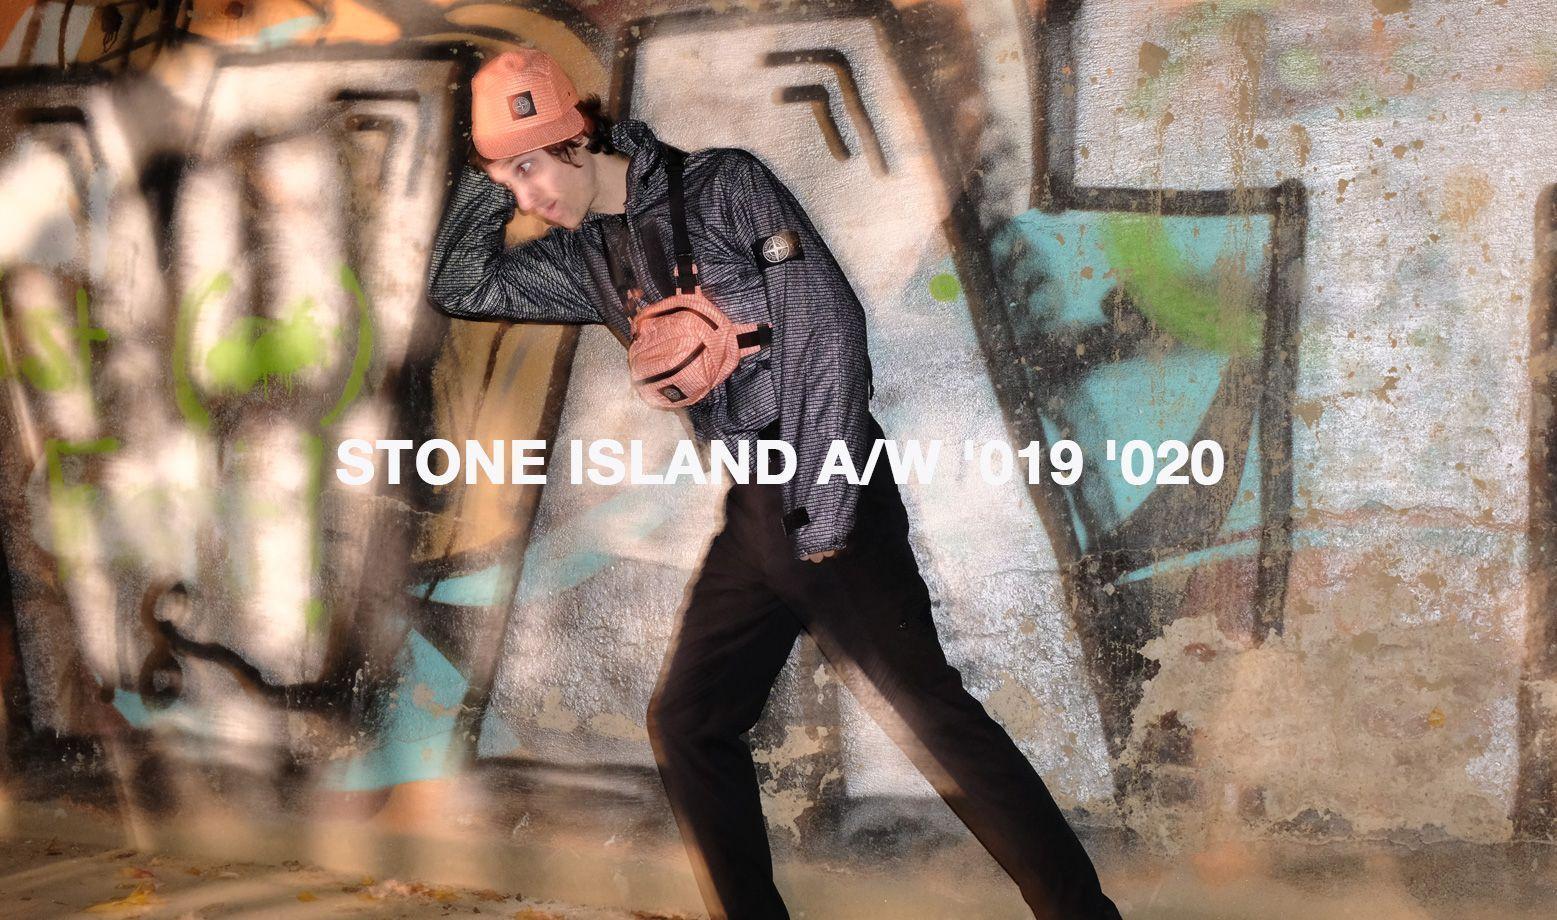 STONE ISLAND A/W '019 '020